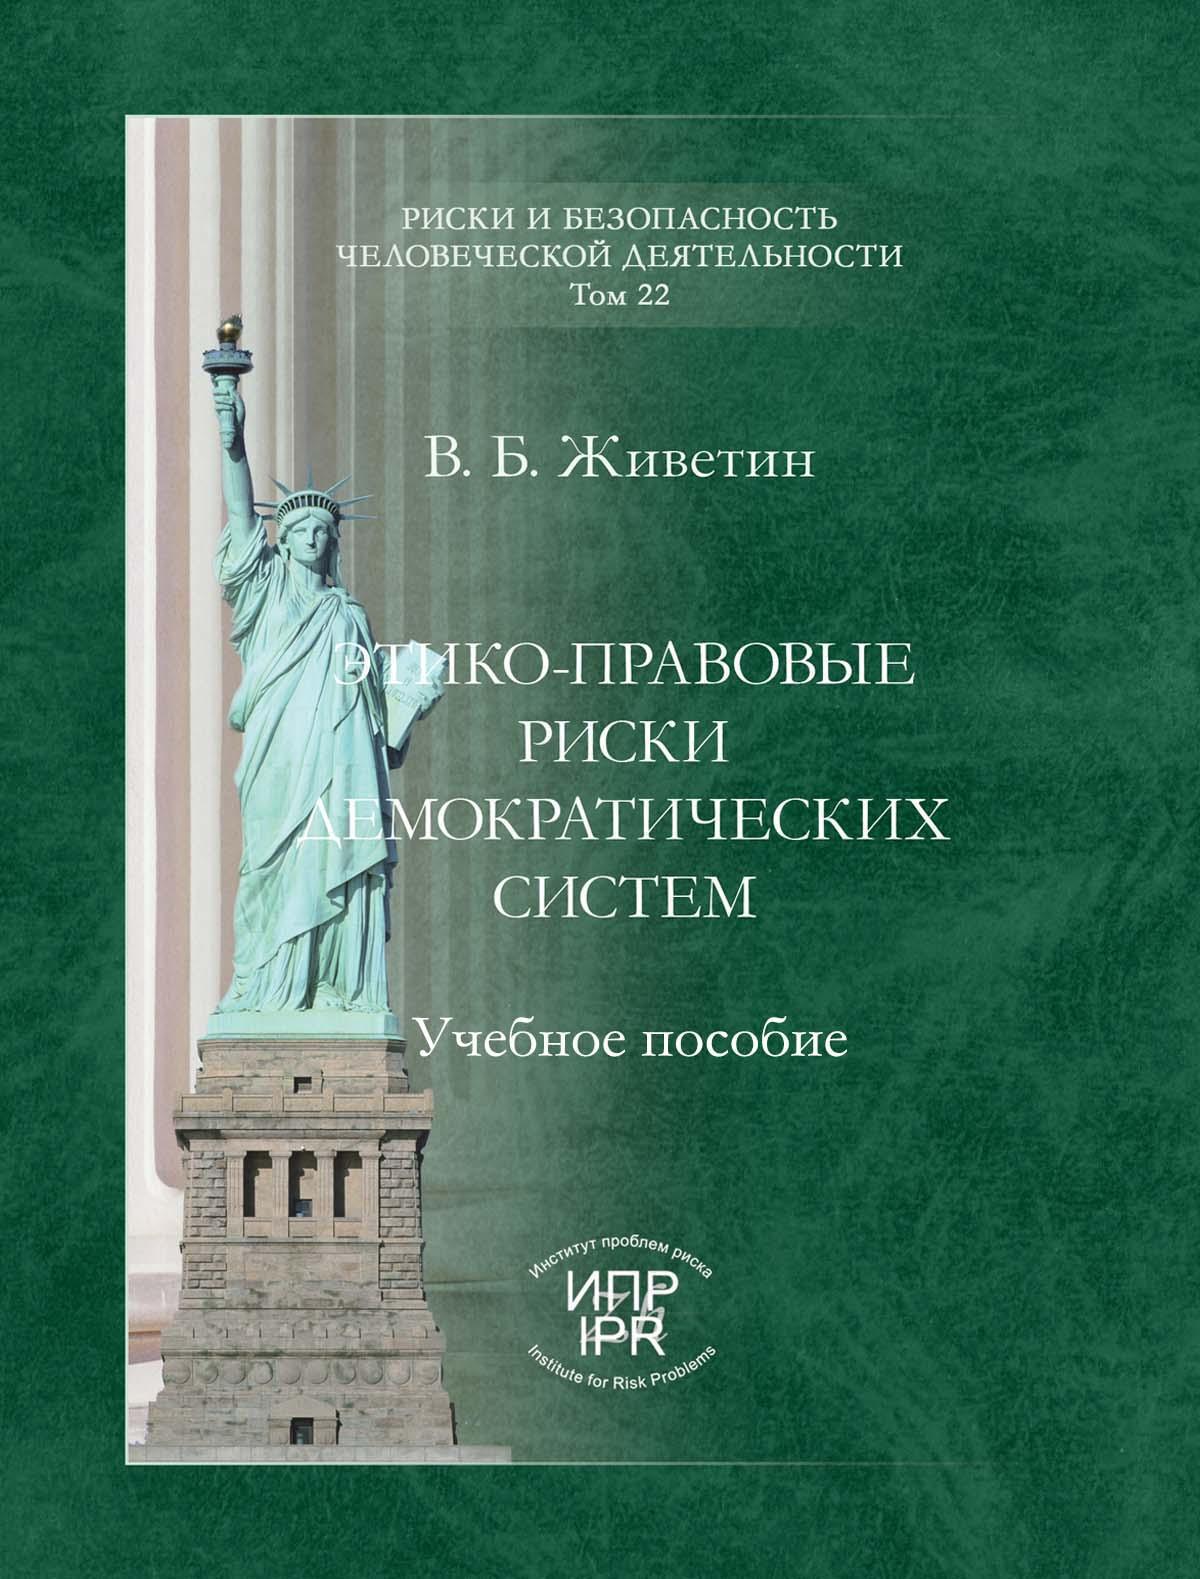 В. Б. Живетин Этико-правовые риски демократических систем